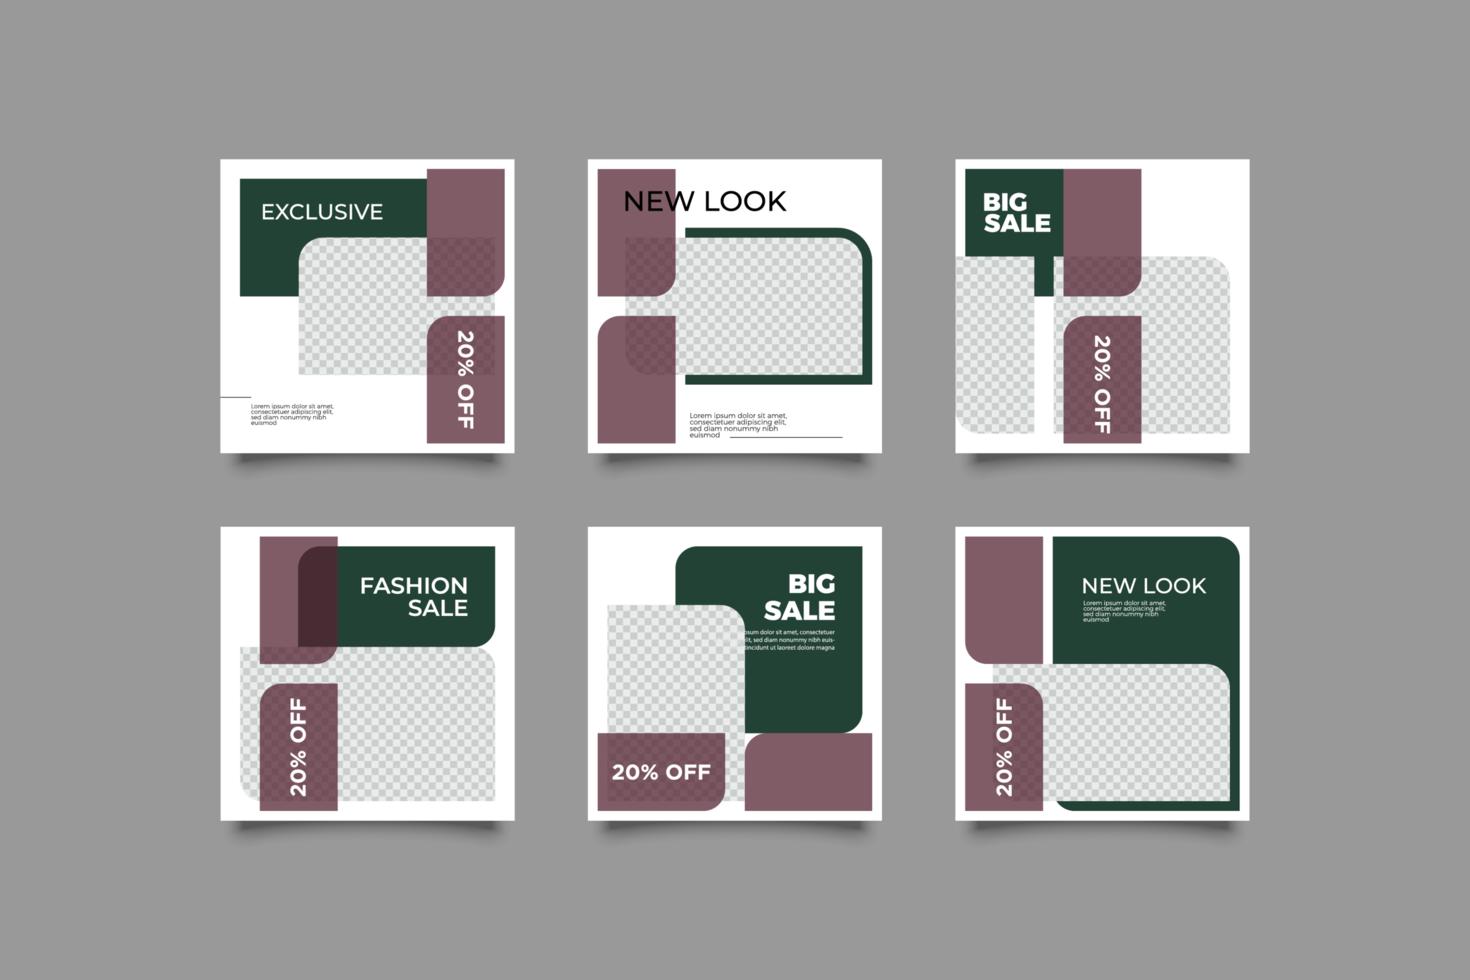 uppsättning redigerbar minimal kvadratisk banner mall vektor